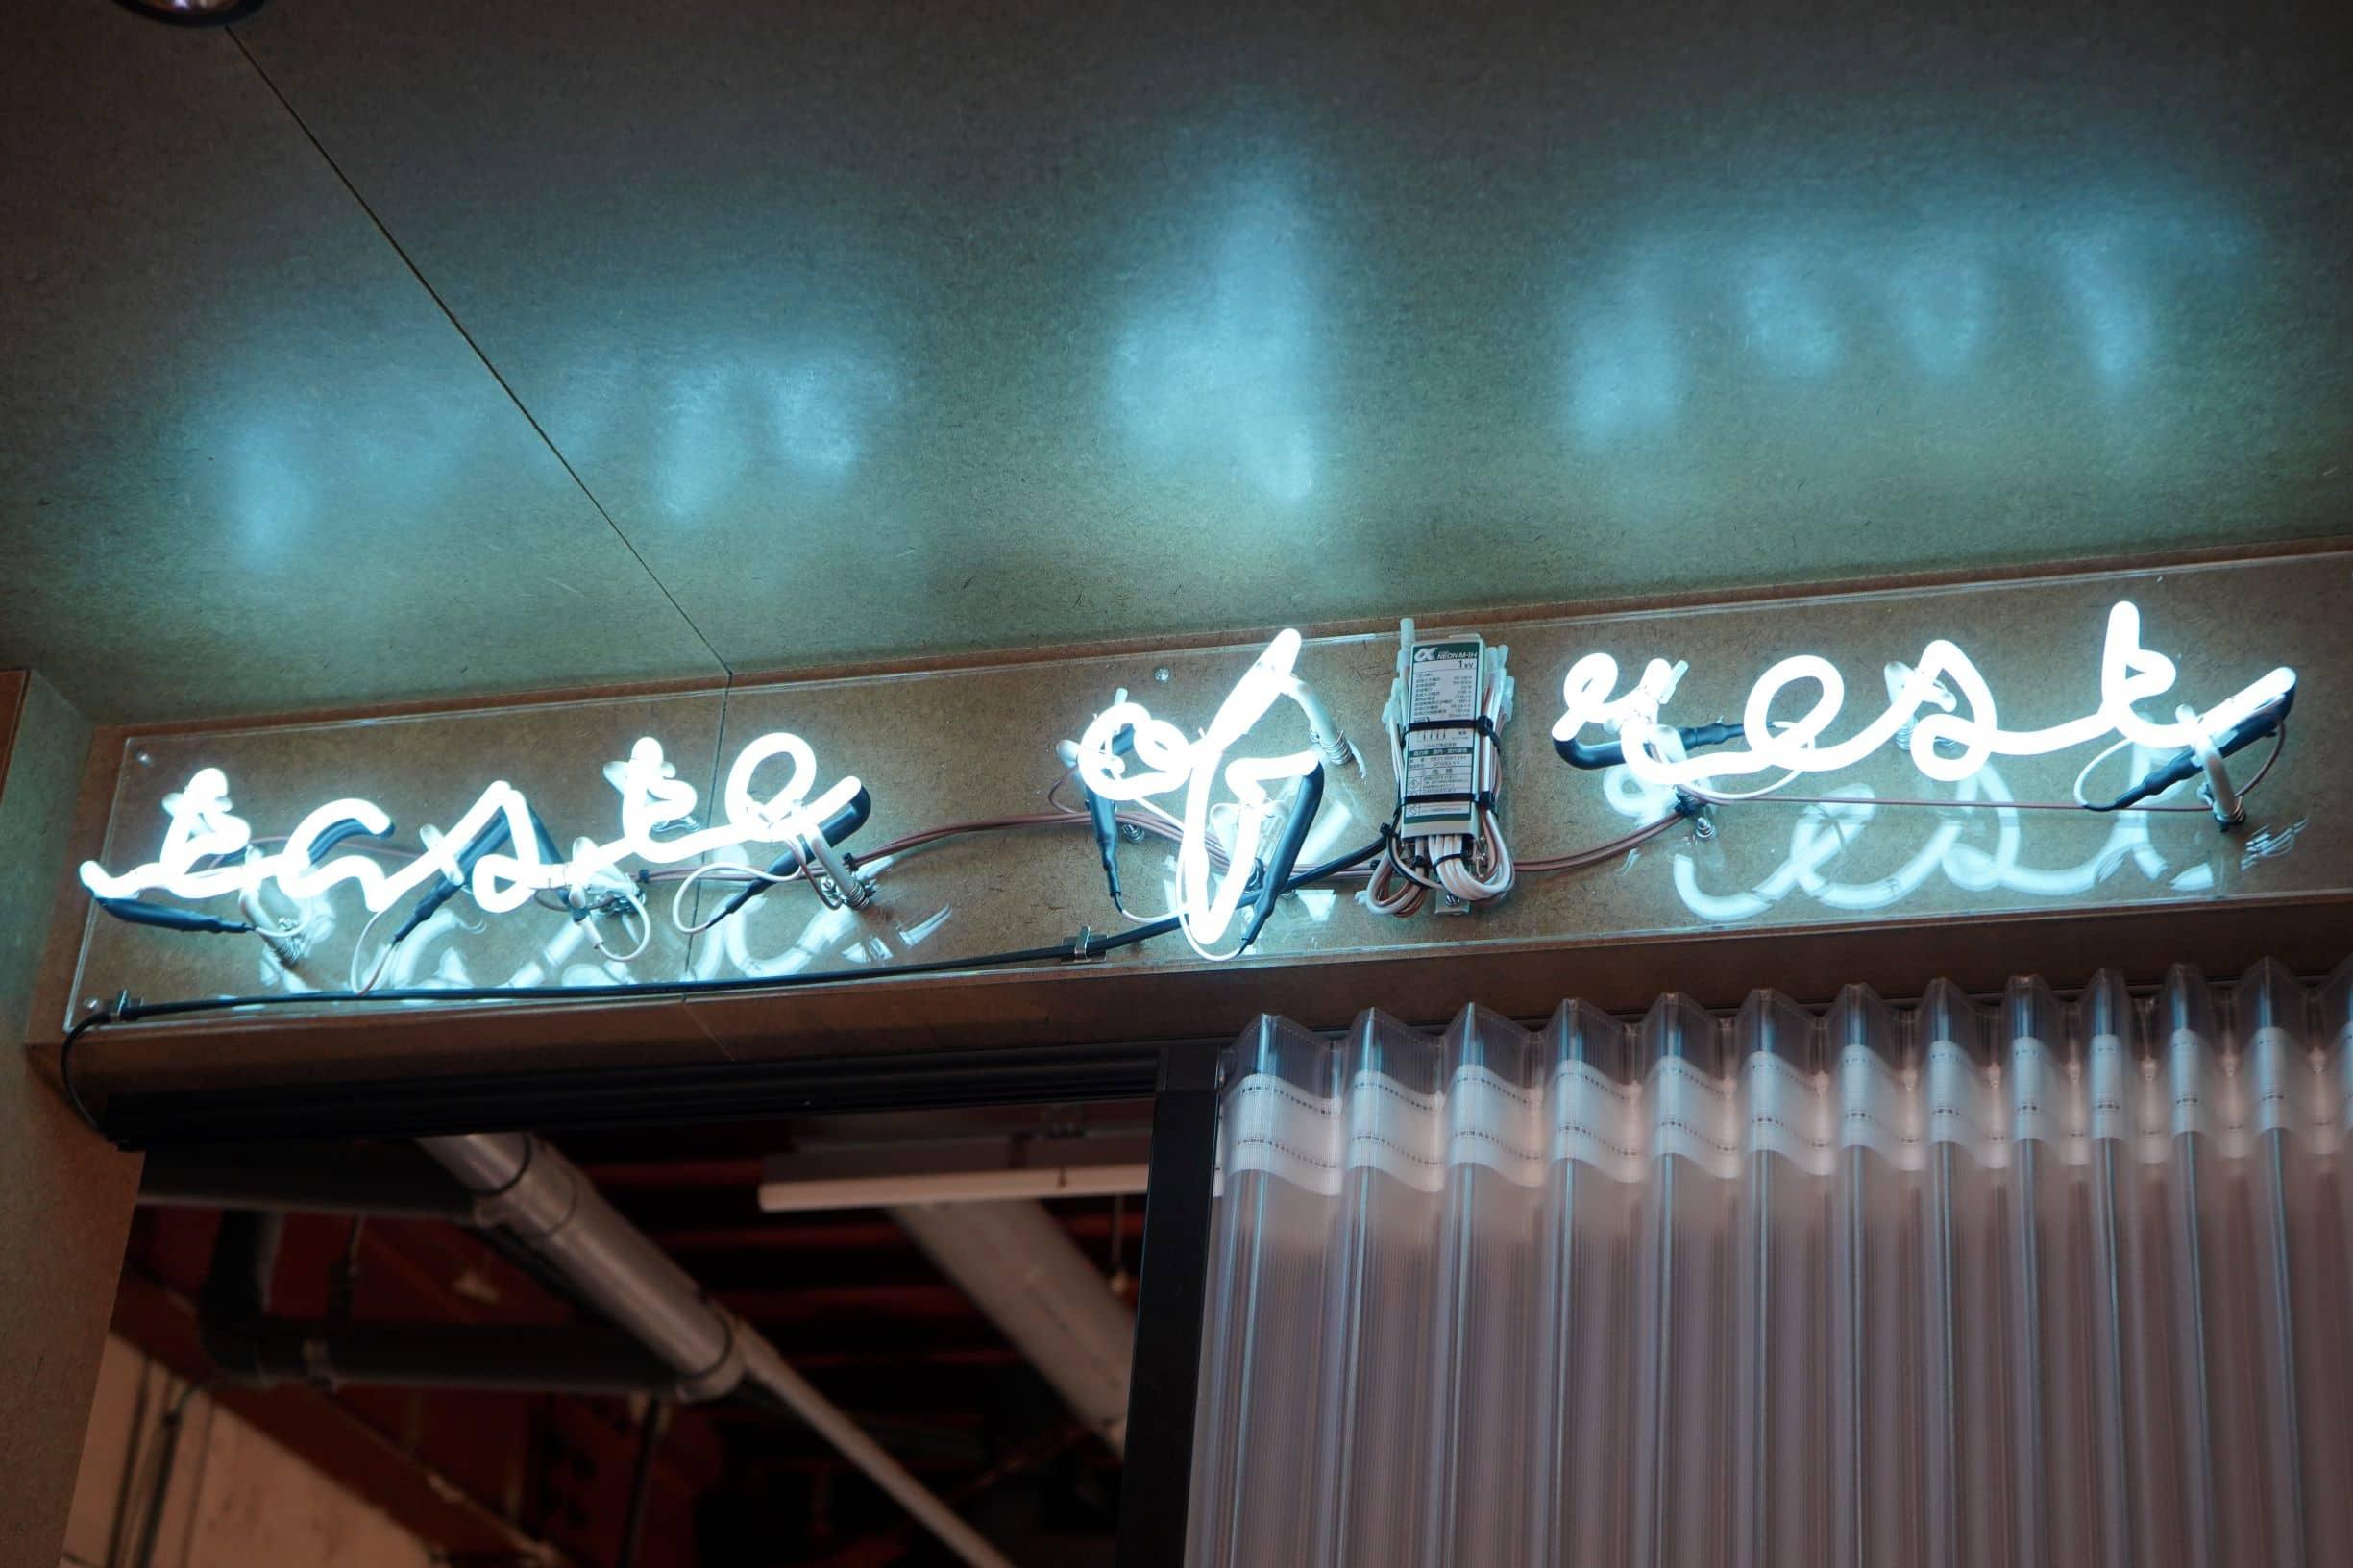 大注目の「シヤチル」2号店!レトロだけど新しい大衆食堂「コアラド」がニューオープン! - DSC06888 1